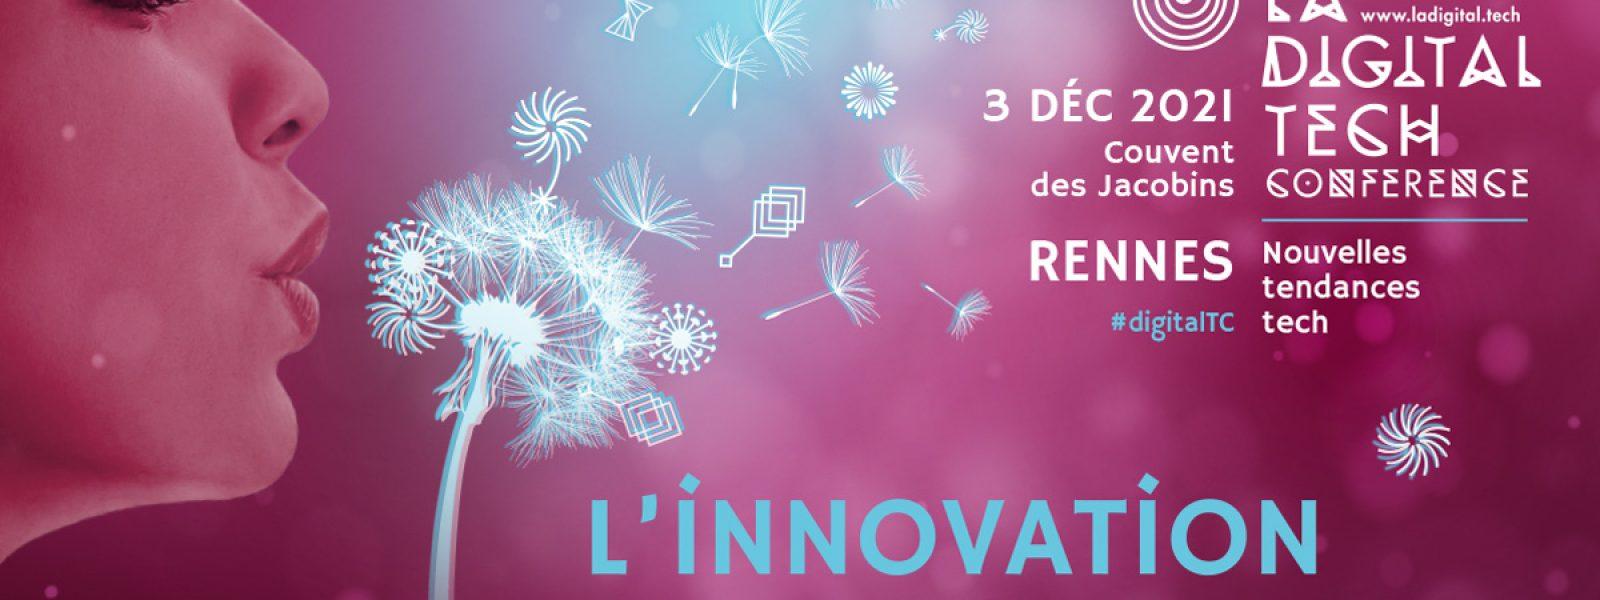 bannière digital tech conference 2021